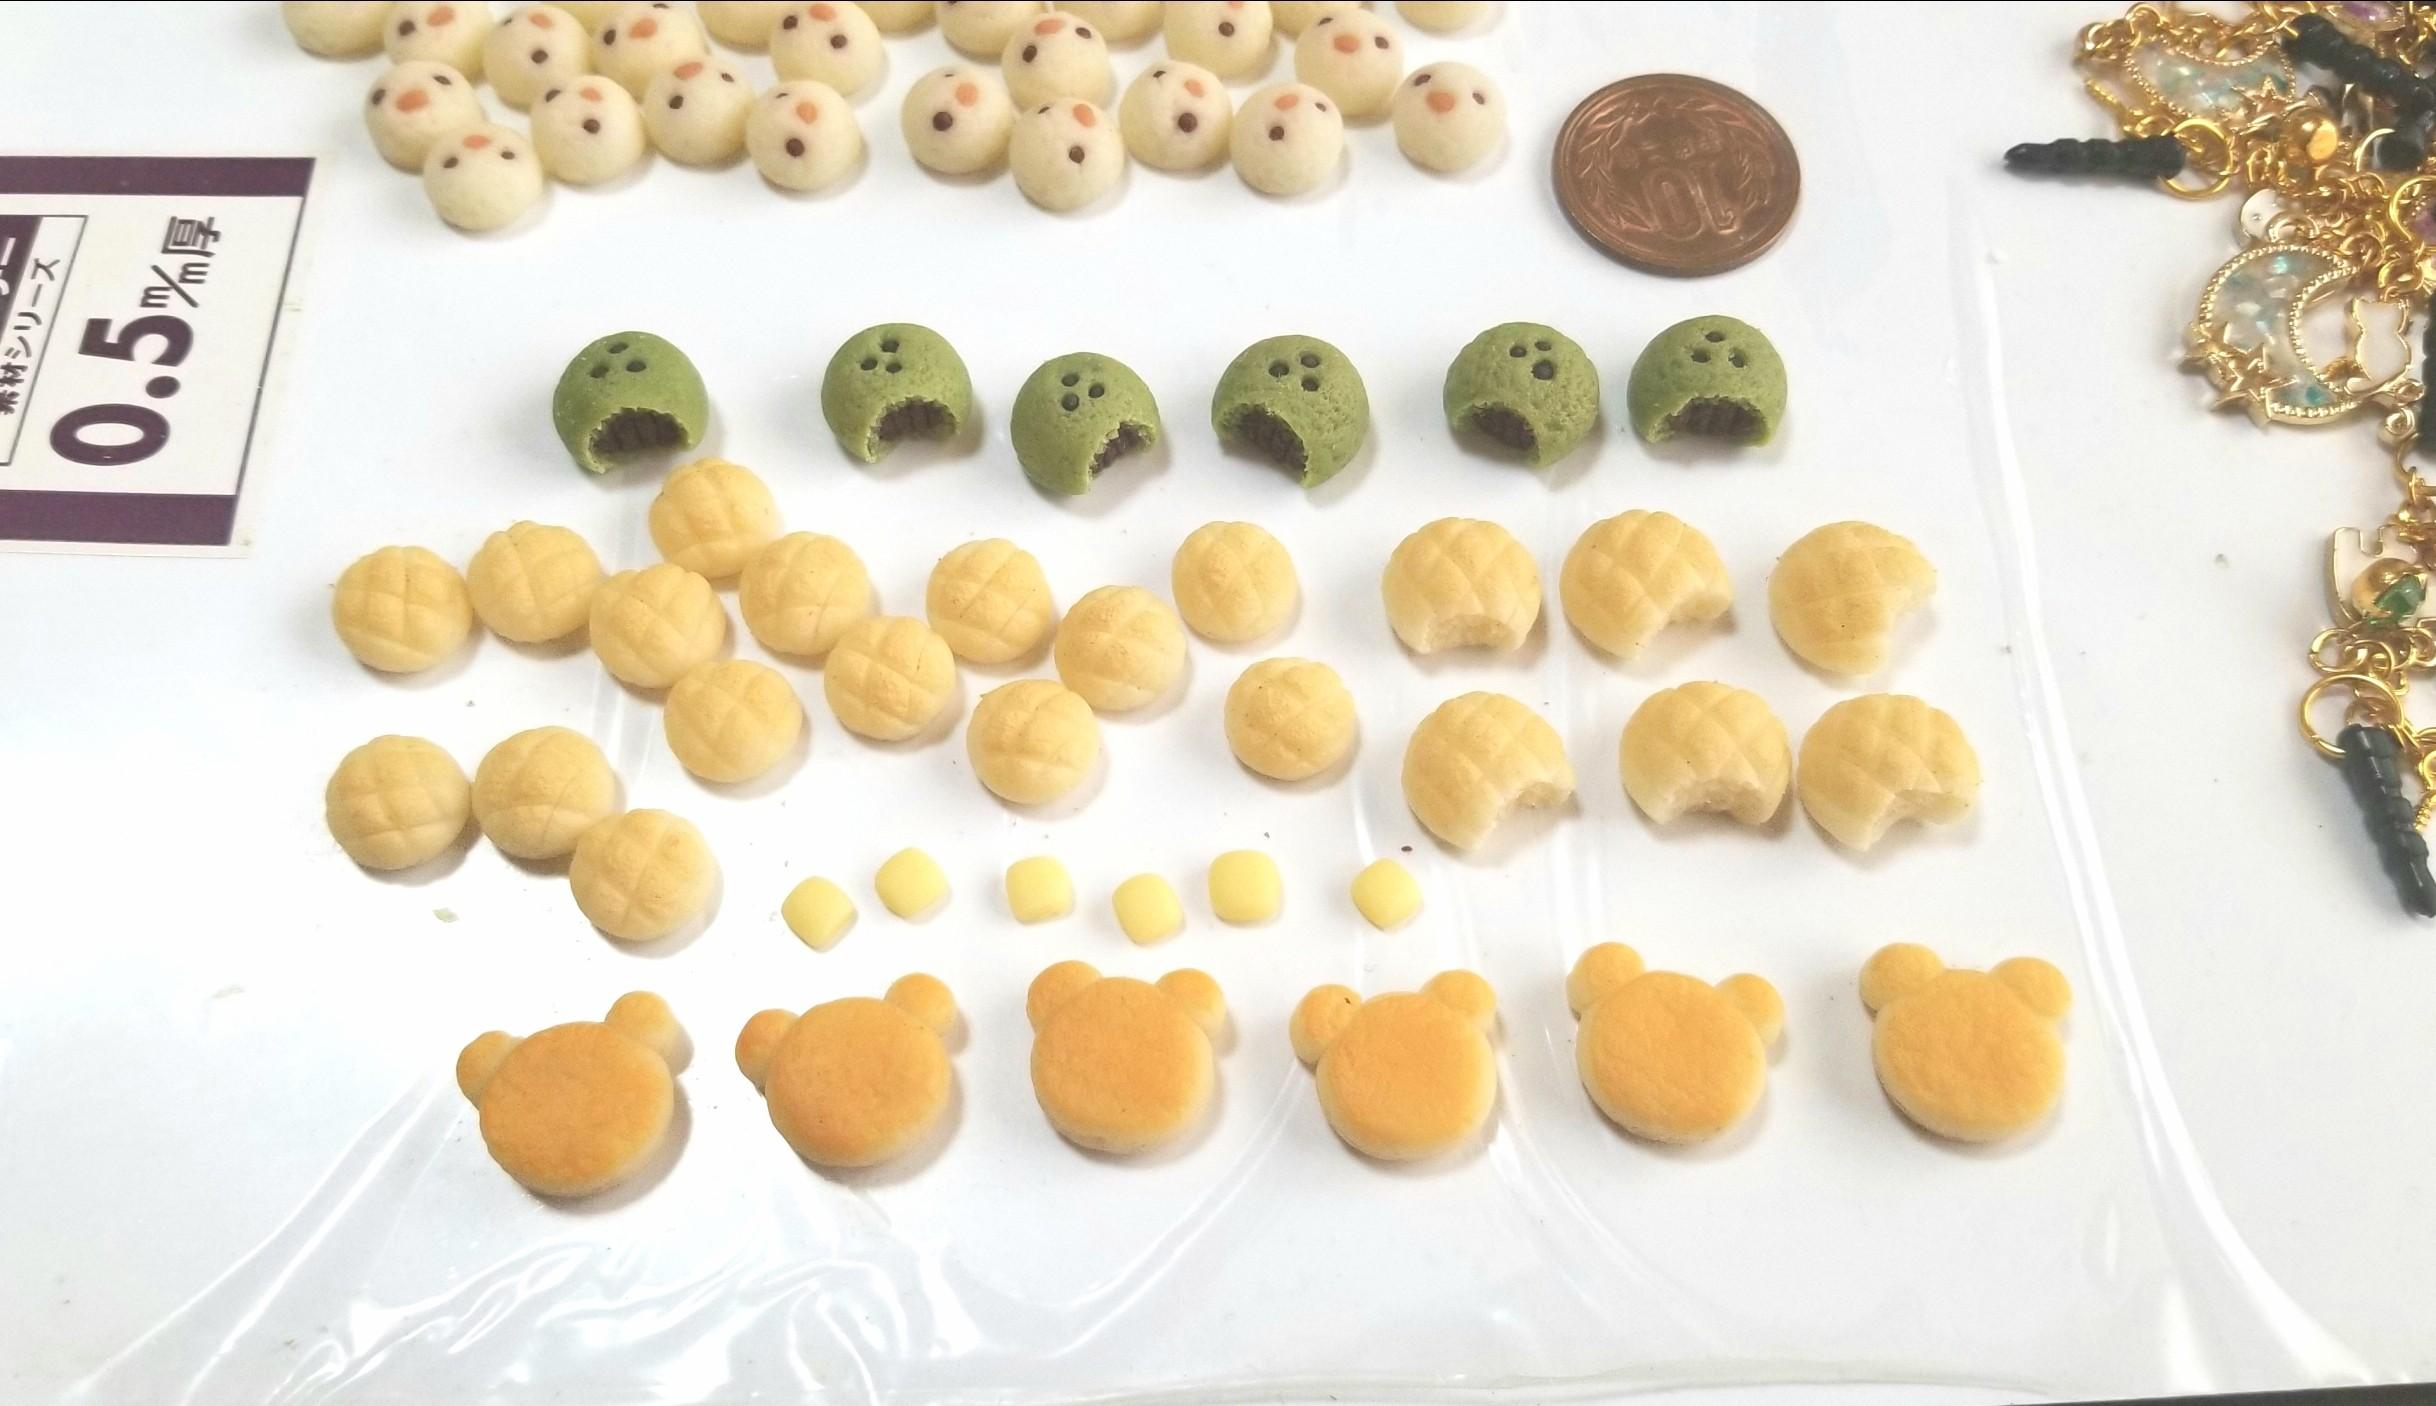 メロンパン,よもぎあんパン,クマホットケーキ,着色,ミニチュアフード